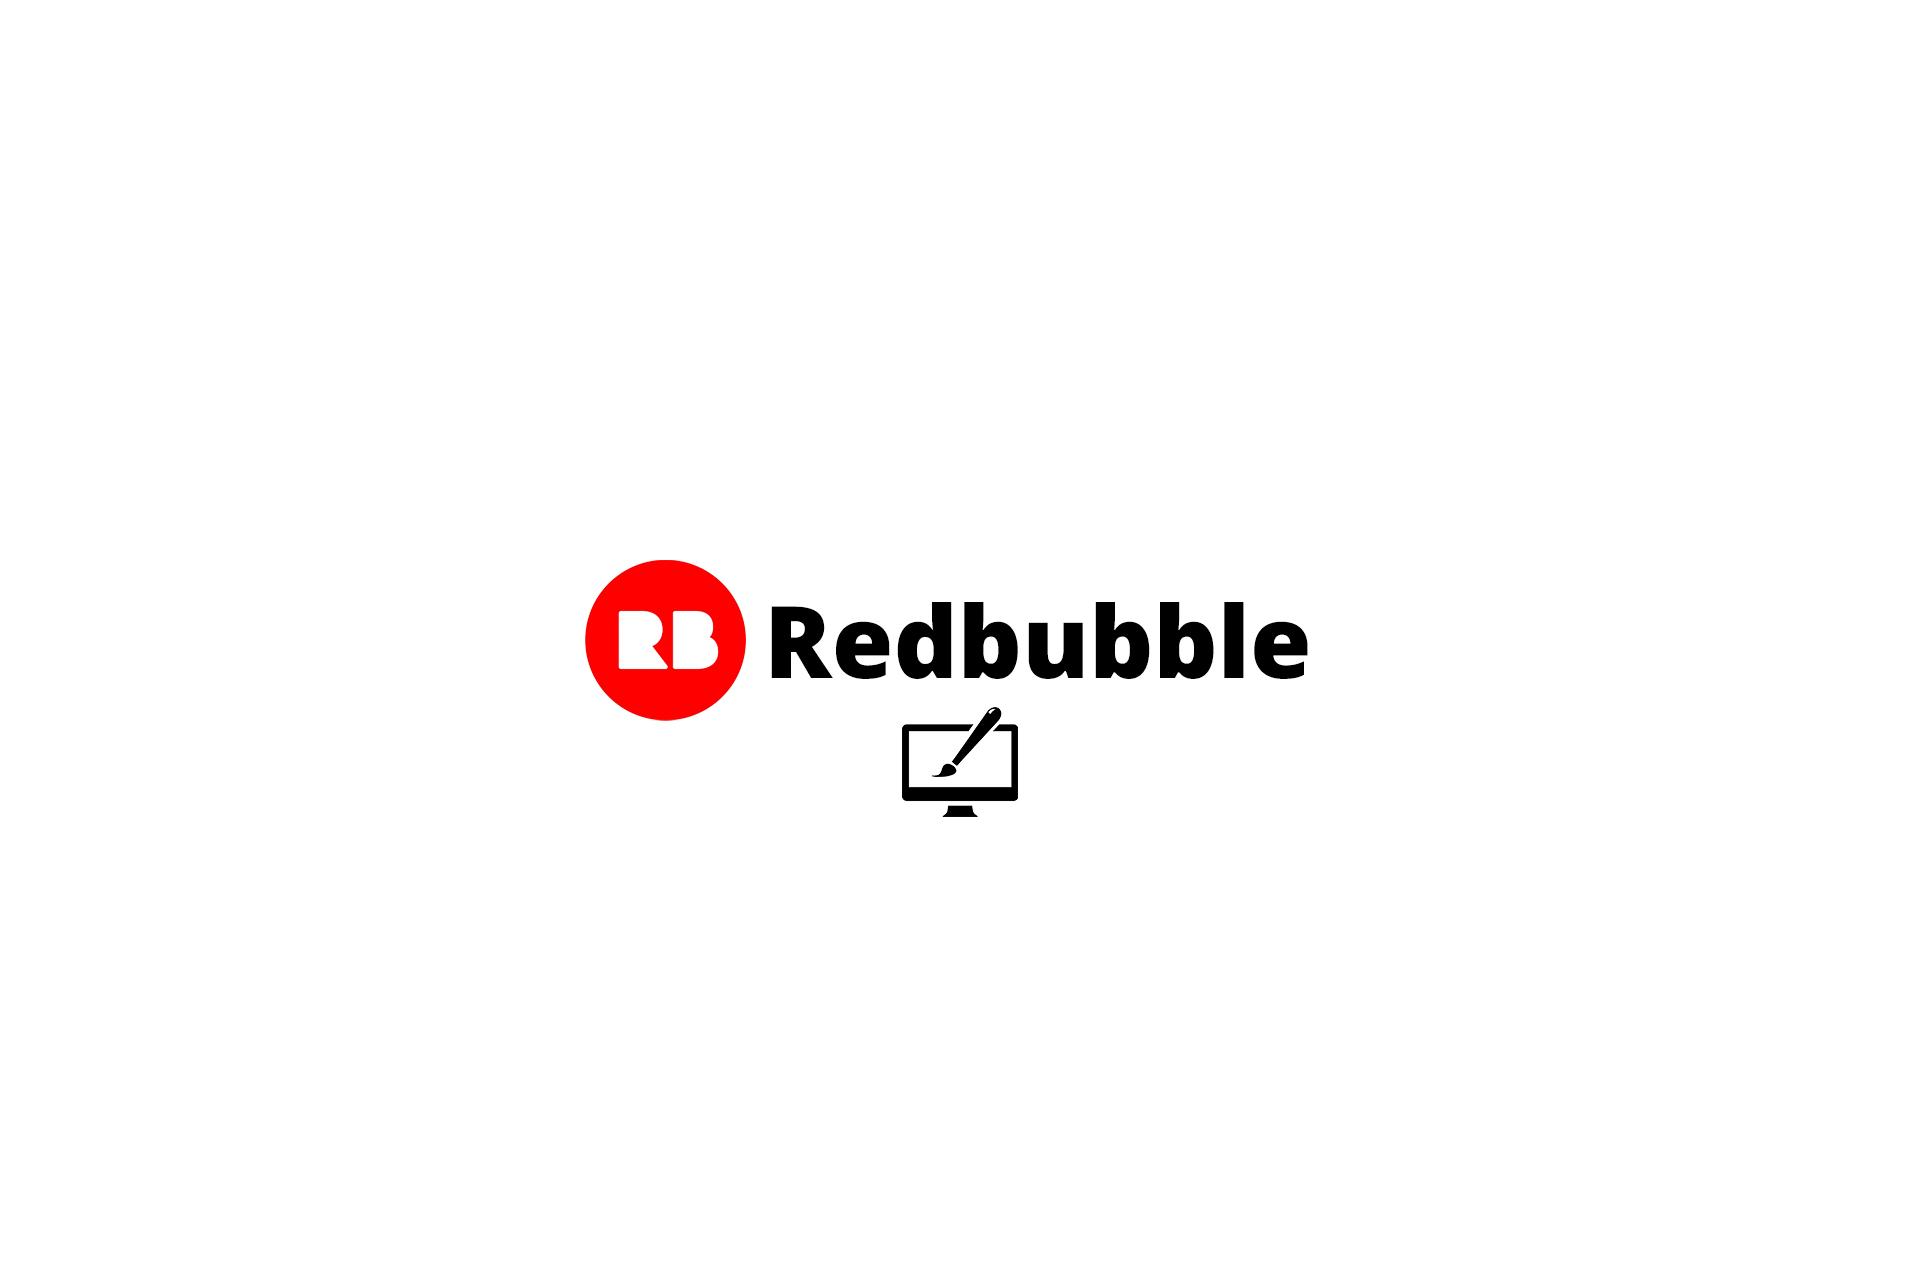 طراحی محصول در Redbubble – آموزش قدم به قدم کسب درآمد دلاری از Redbubble